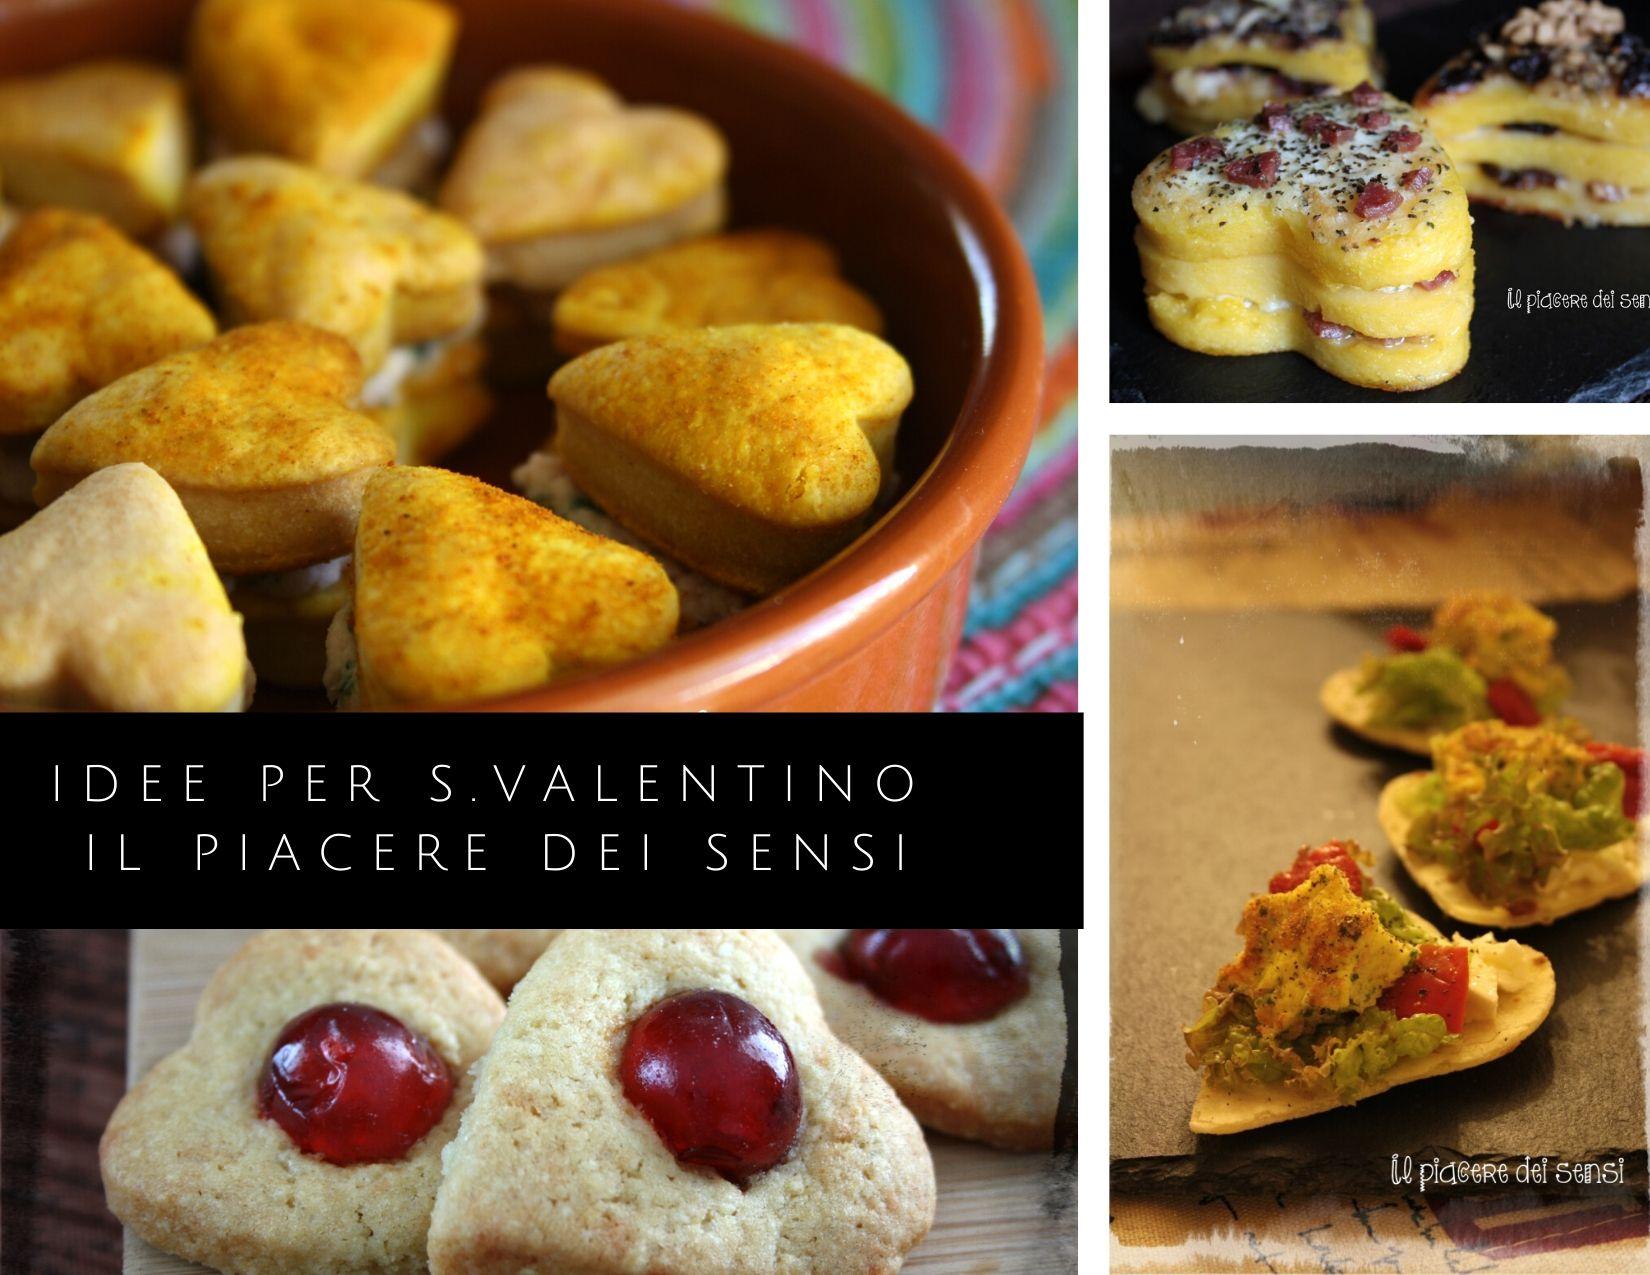 idee per San Valentino ricette